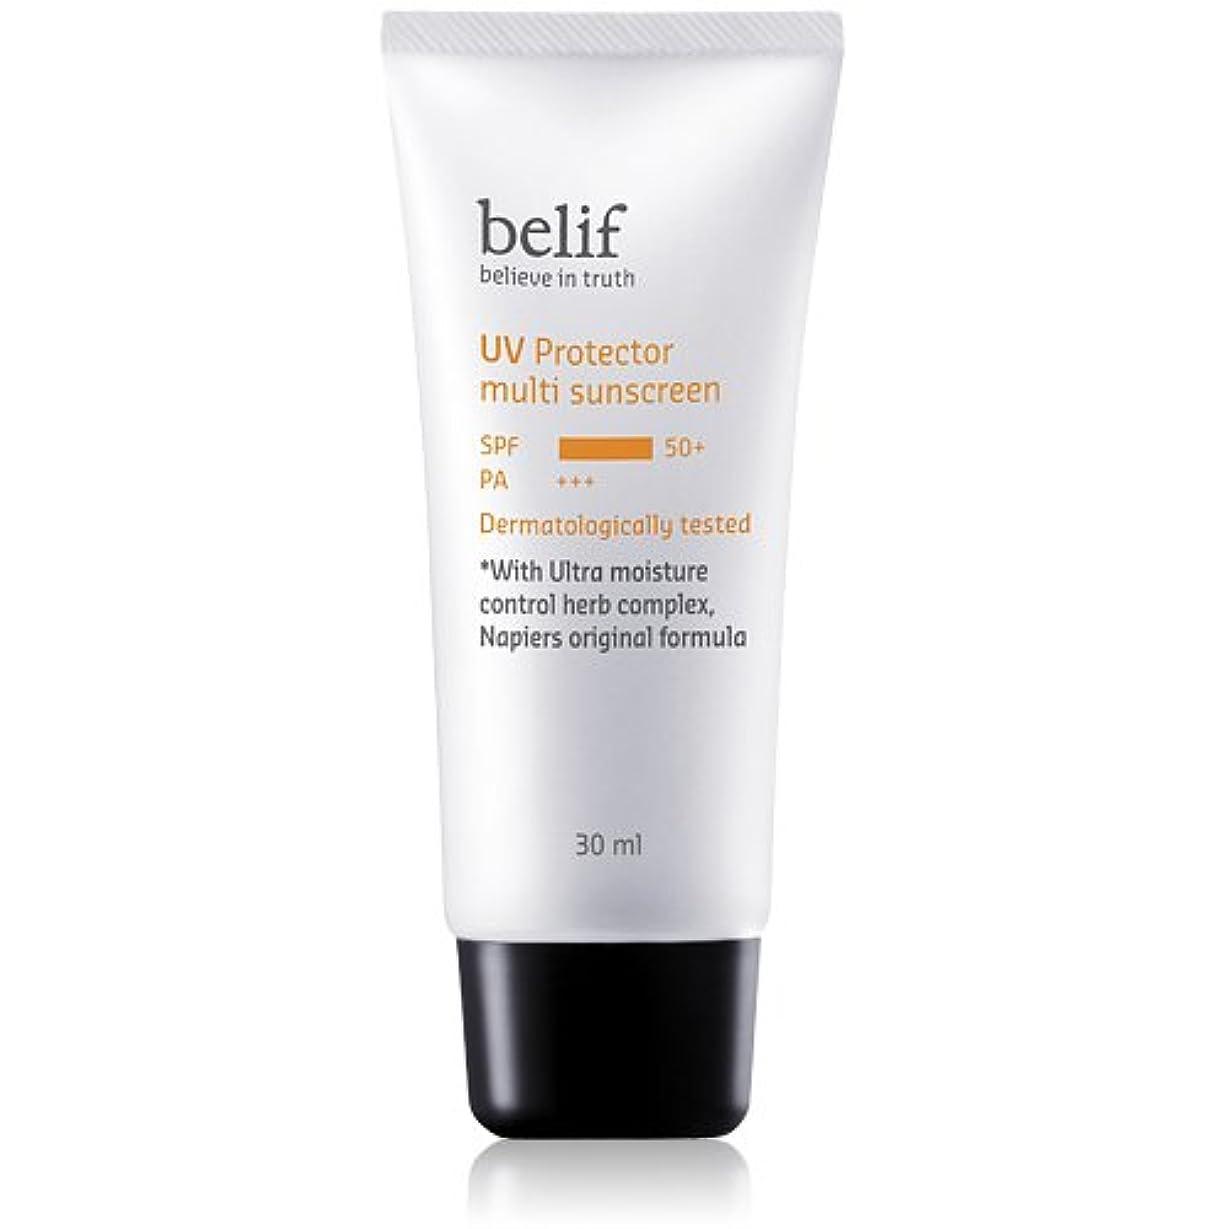 ドロップフレキシブル頼むBelif(ビリーフ)UV Protector Multi sunscreen 30ml/ビリーフUVプロテクターマルチサンスクリーン